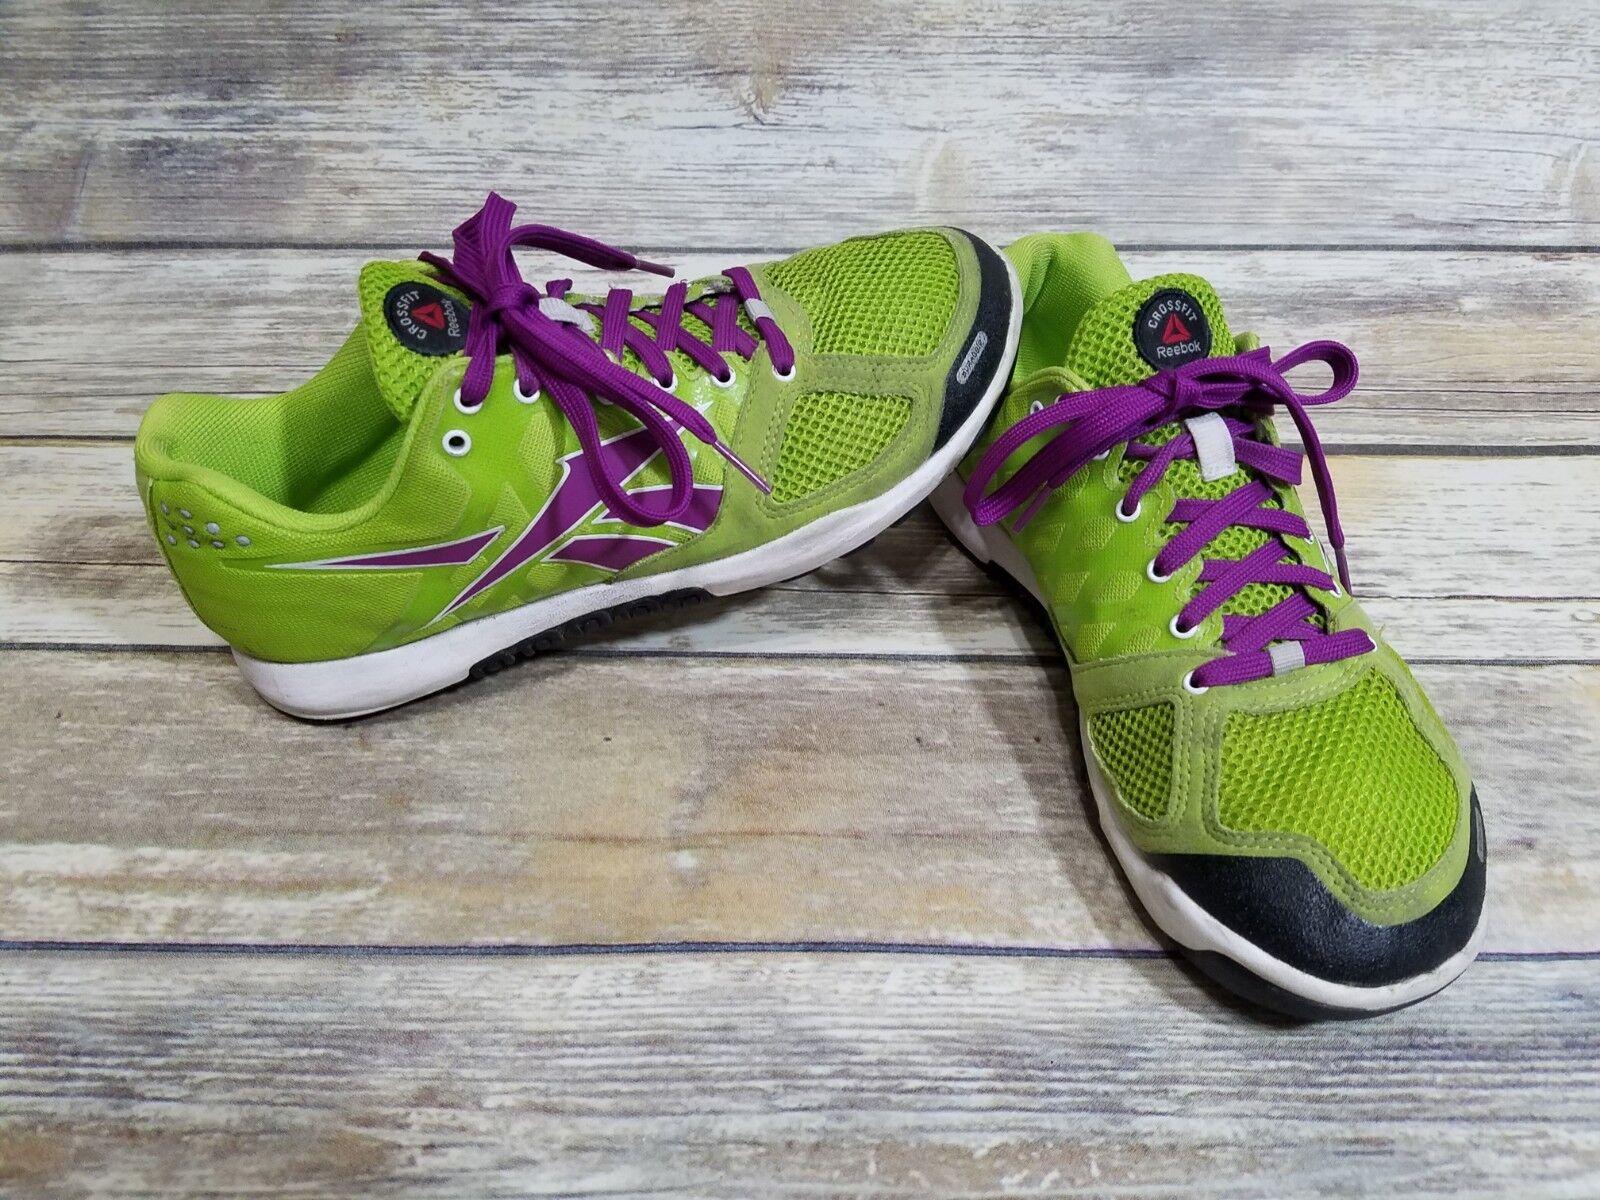 Reebok Crossfit Women's Nano  Lime Green Purple DuraGrip shoes size 8.5